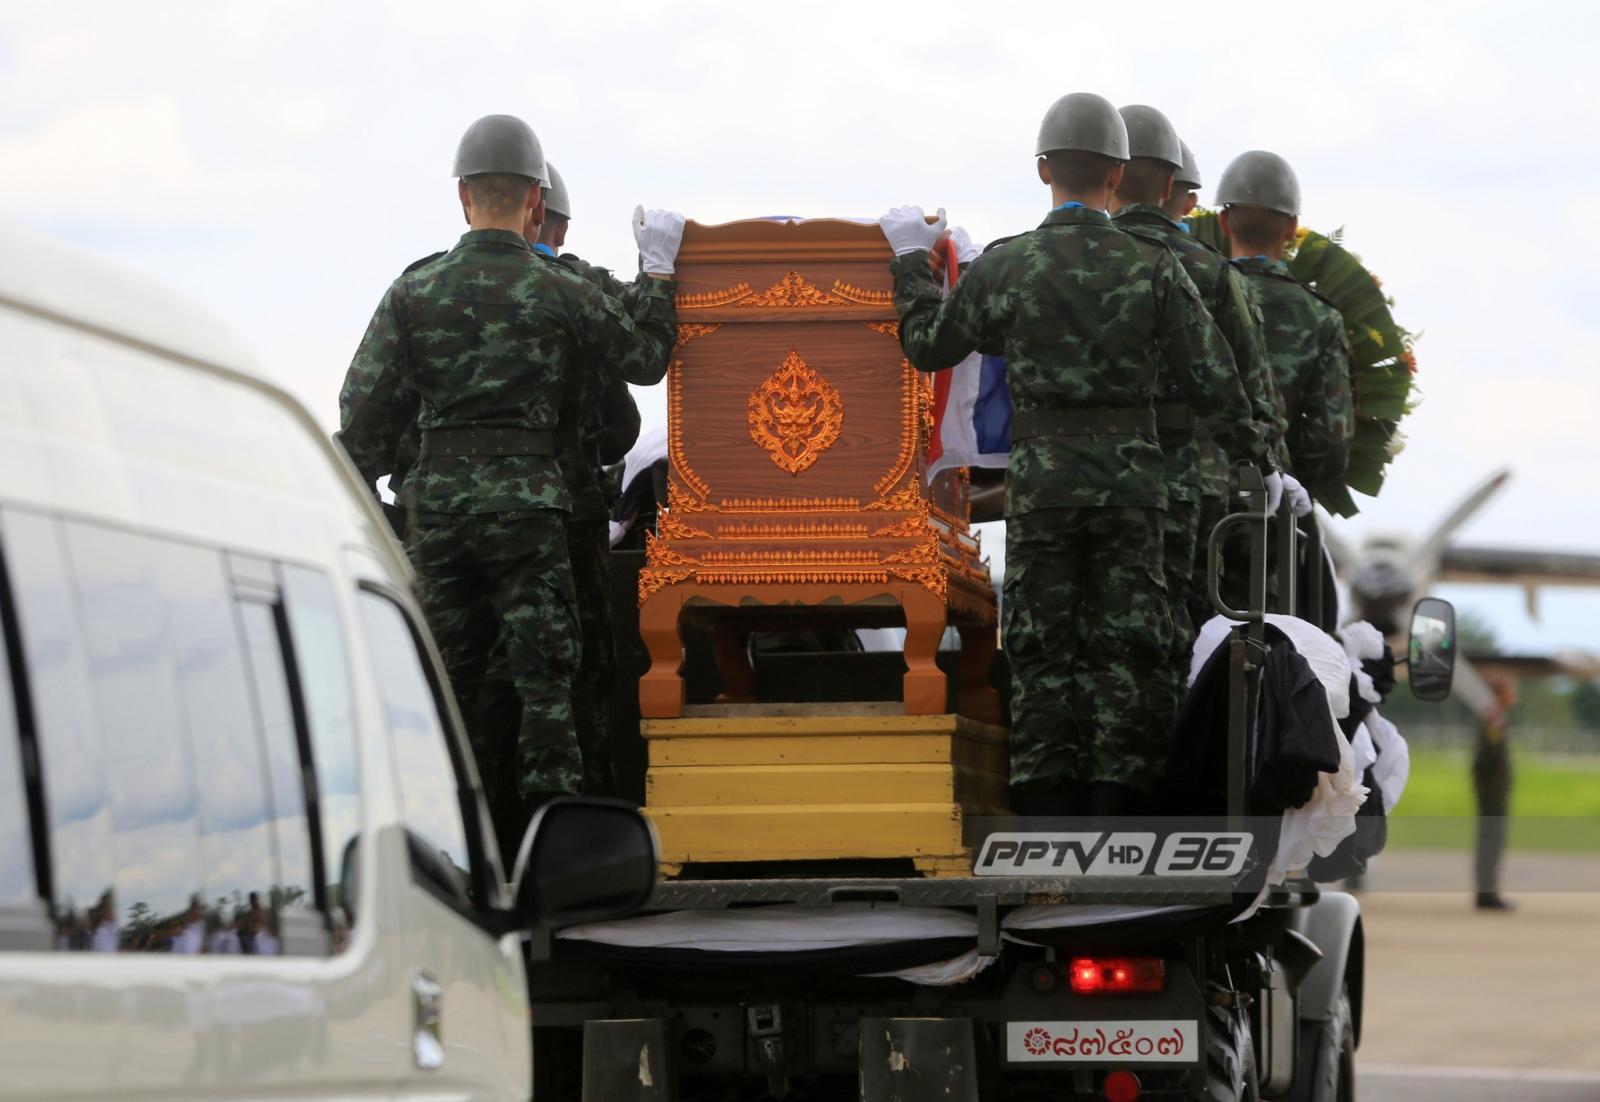 """ส่งศพ """"จ่าเอกสมาน"""" เสียชีวิตในถ้ำหลวงกลับบ้านอย่างสมเกียรติ"""